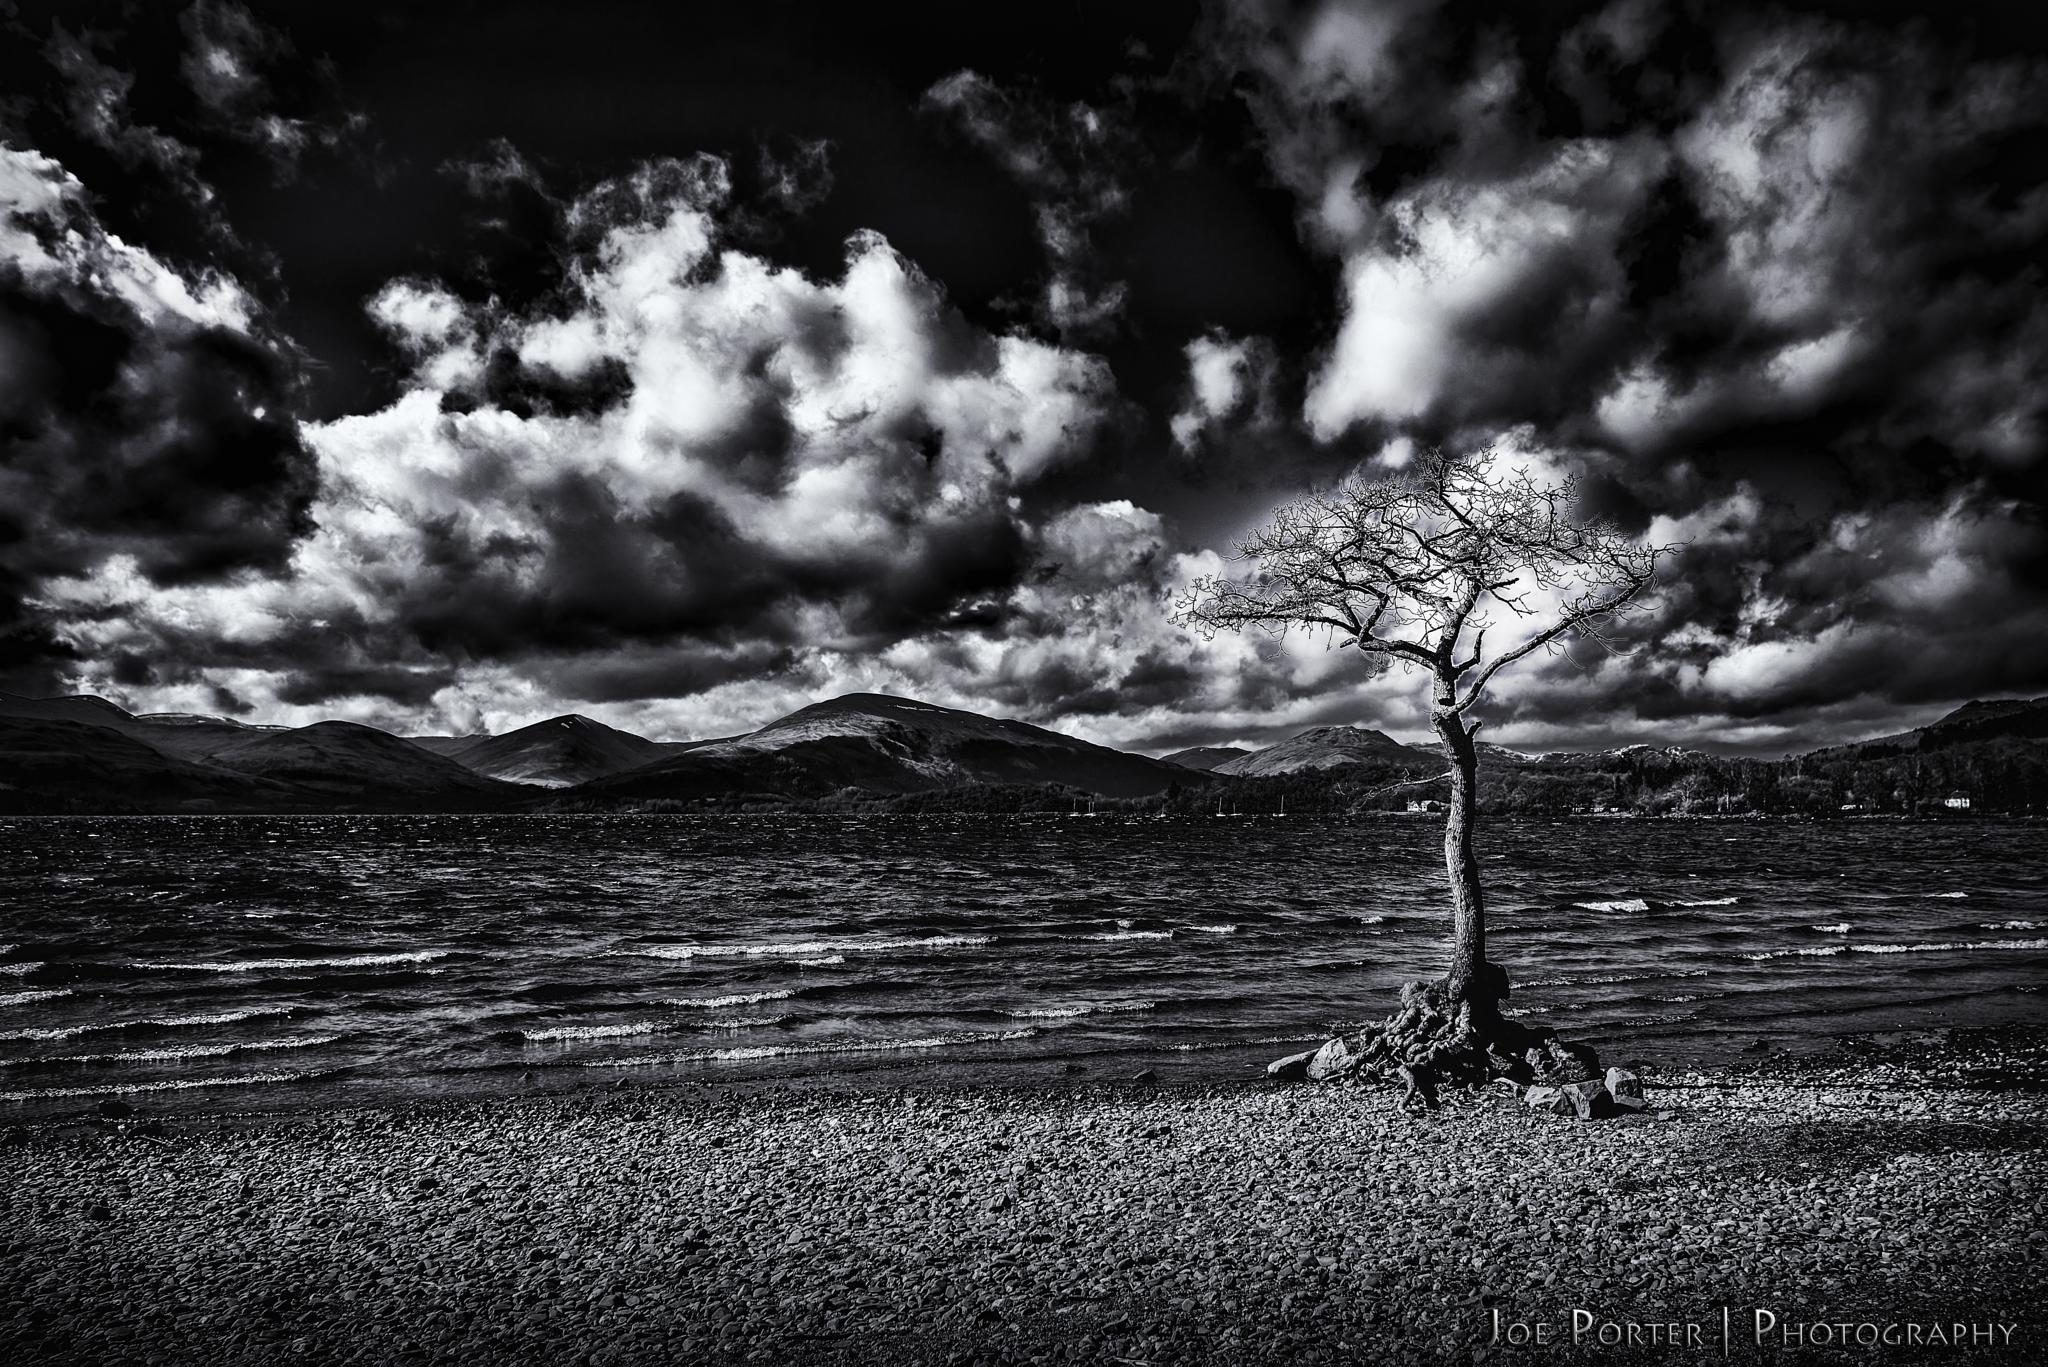 Milarrochy Tree and Sky by Joe Porter Photography